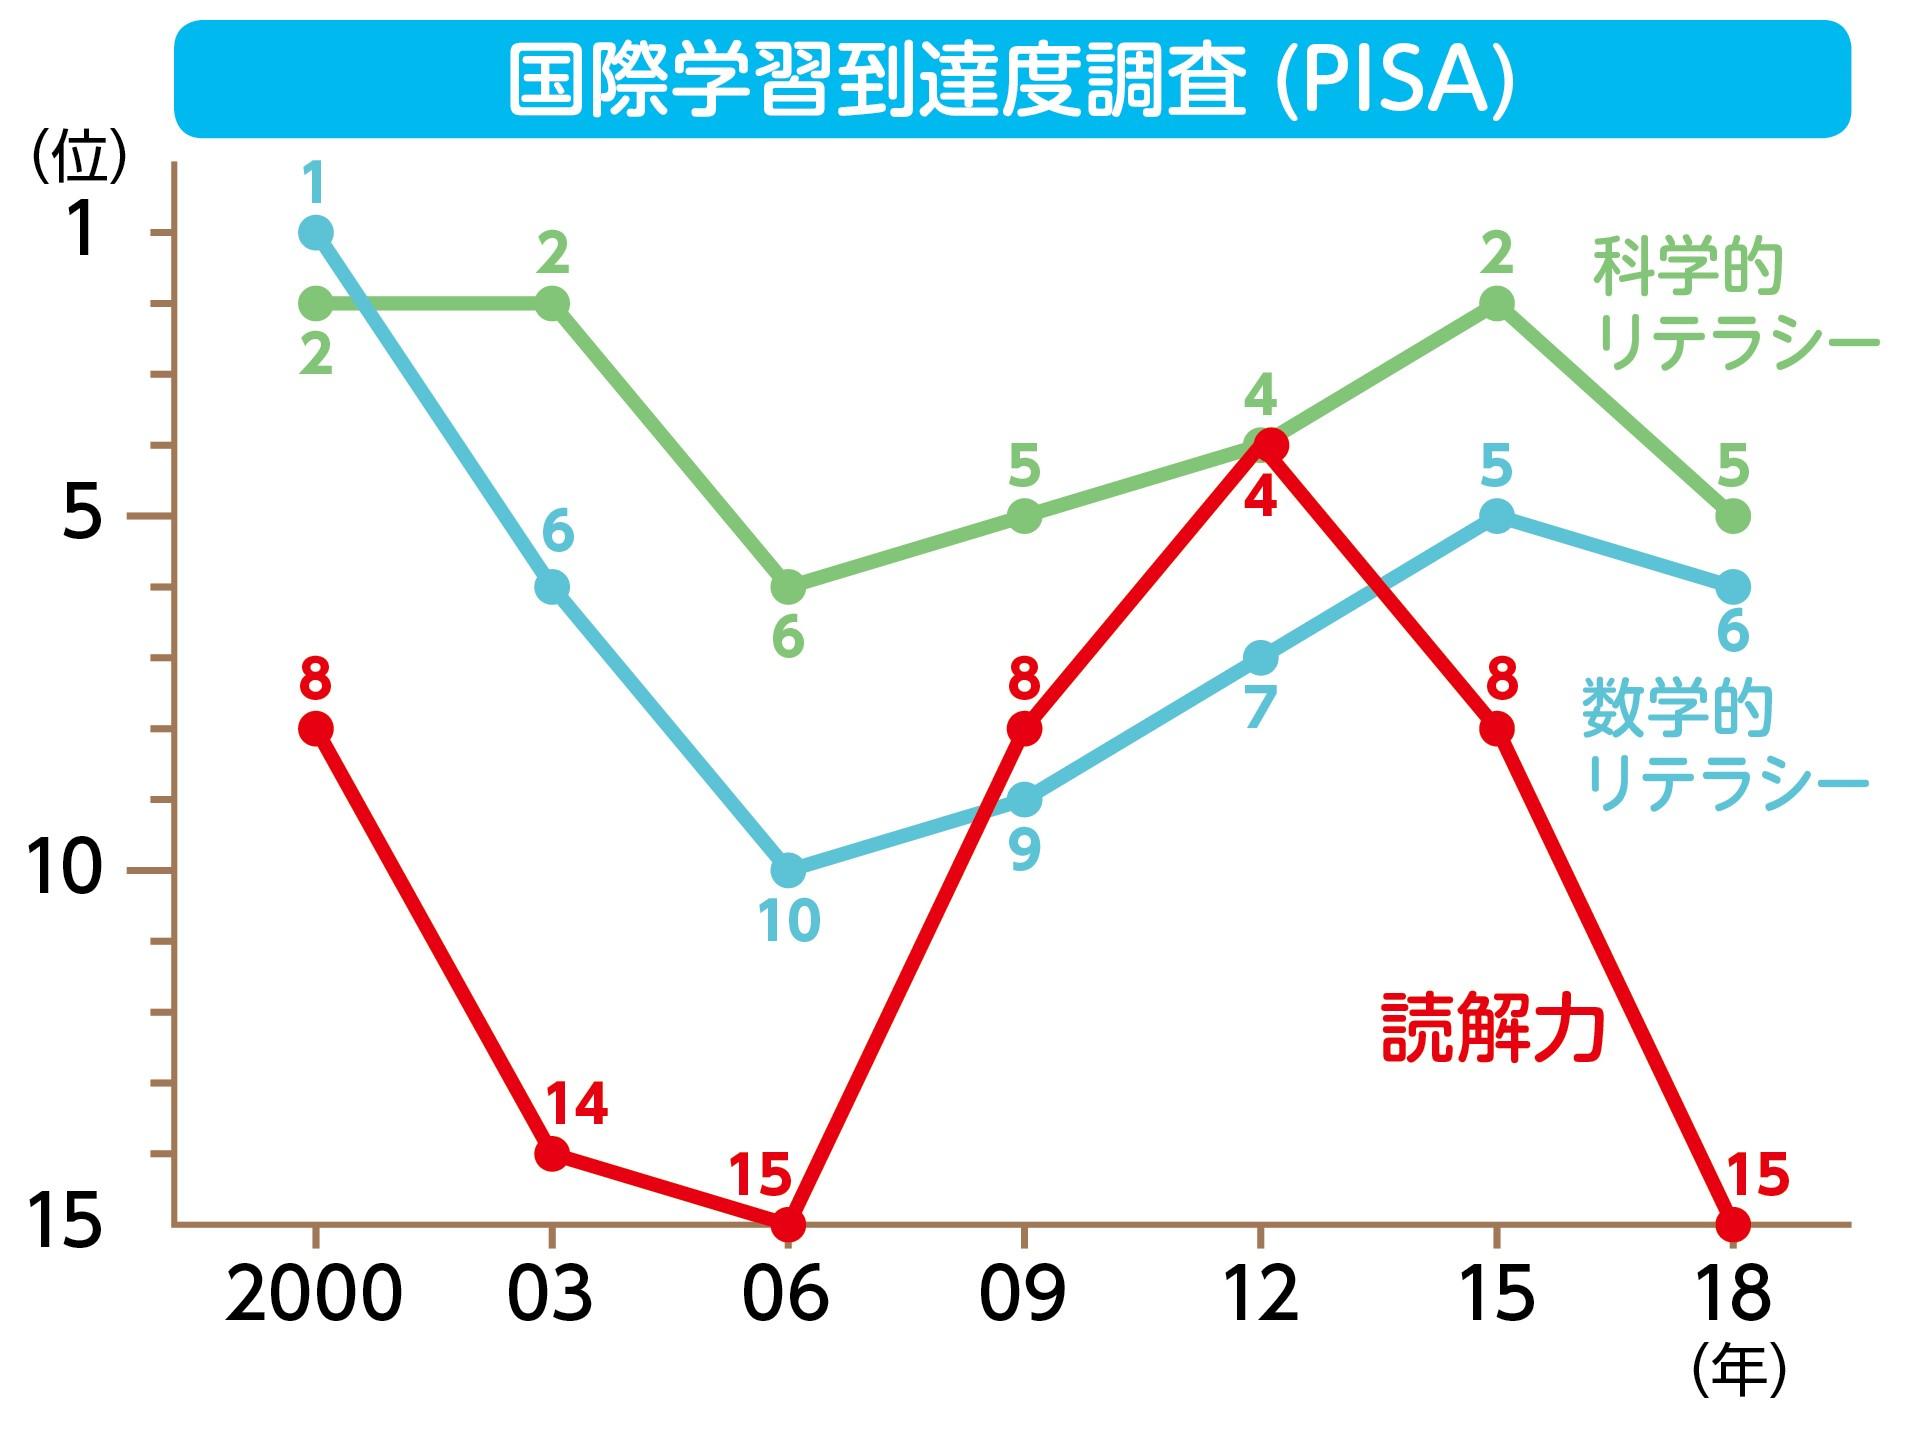 「2018年に行われた、国際学習到達度調査(PISA)」グラフ